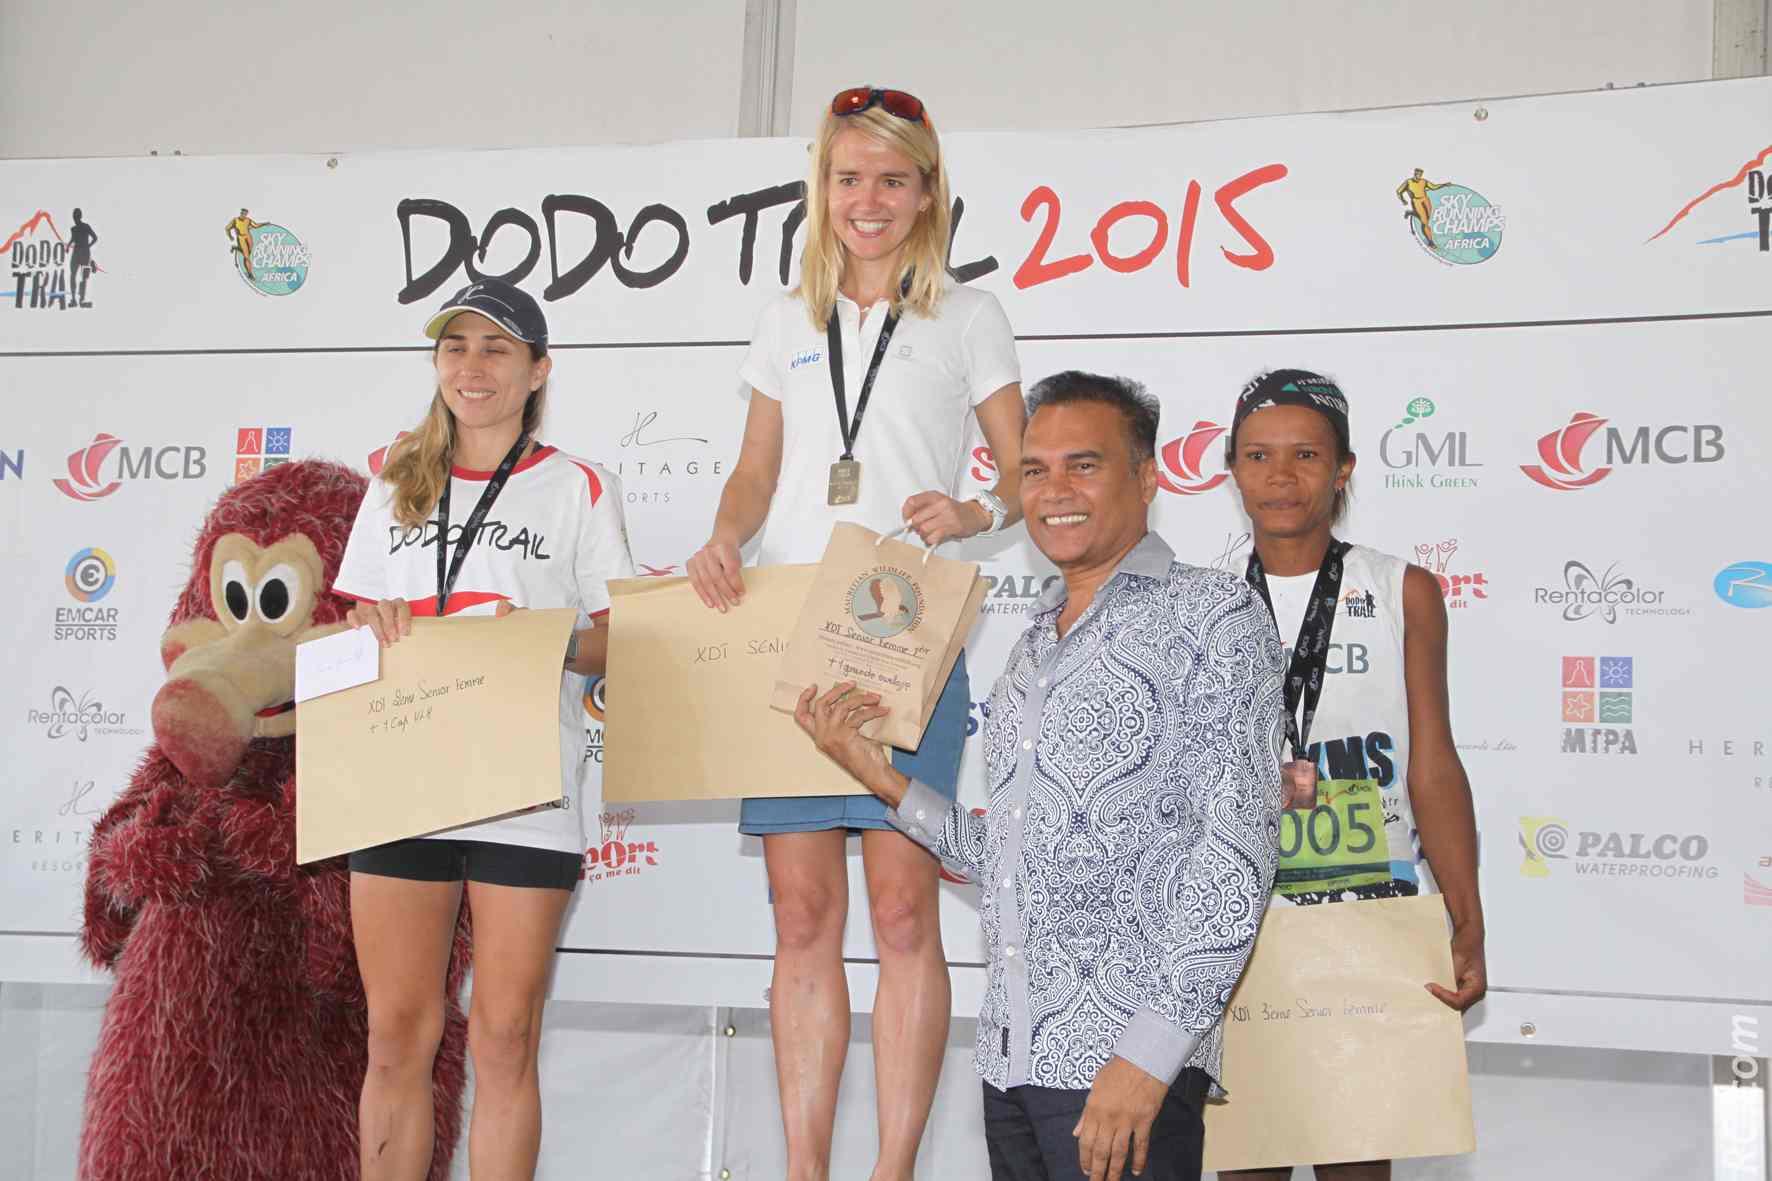 Les bravos de Karl Mootoossamy, chargé de mission tourisme, aux trois premières féminines de l'Xtrem Dodo Trail